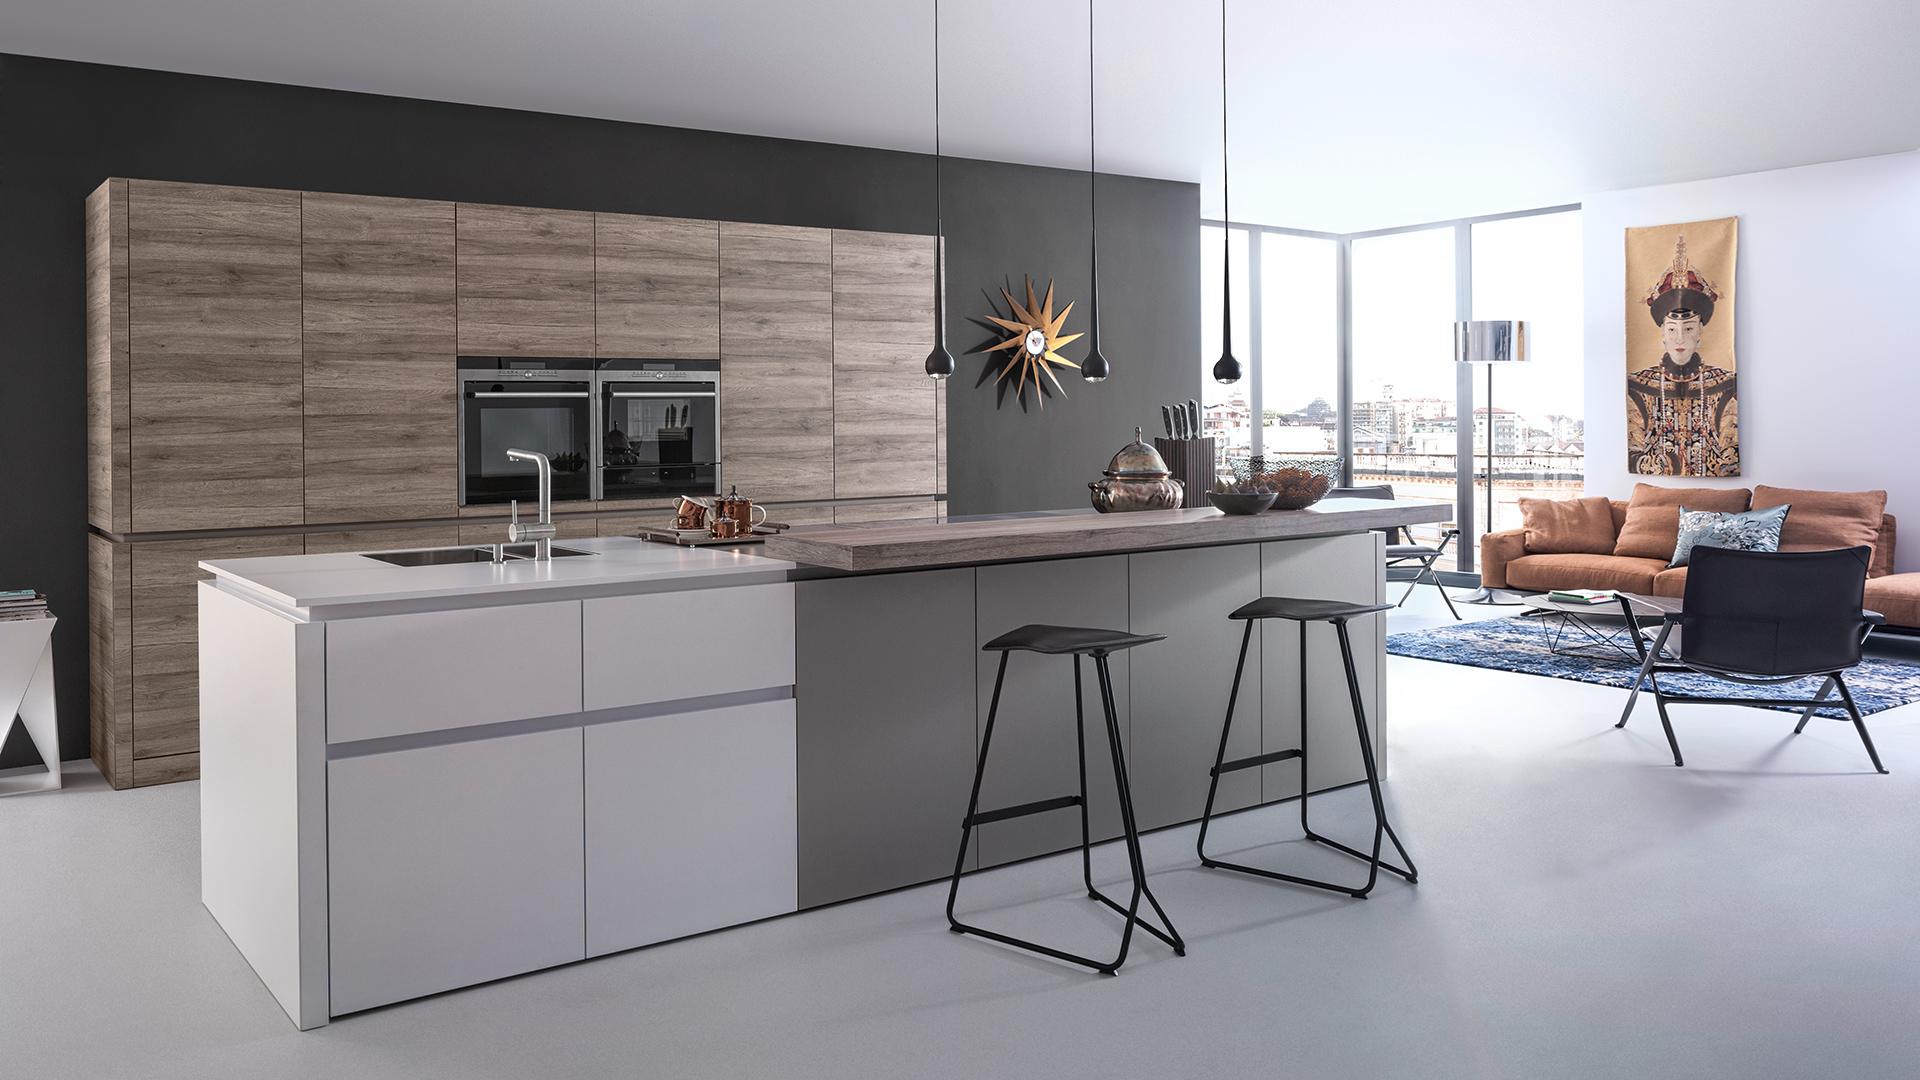 moderne k chen leicht k chen designer k che im k chenstudio bielefeldk chenhaus bielefeld. Black Bedroom Furniture Sets. Home Design Ideas